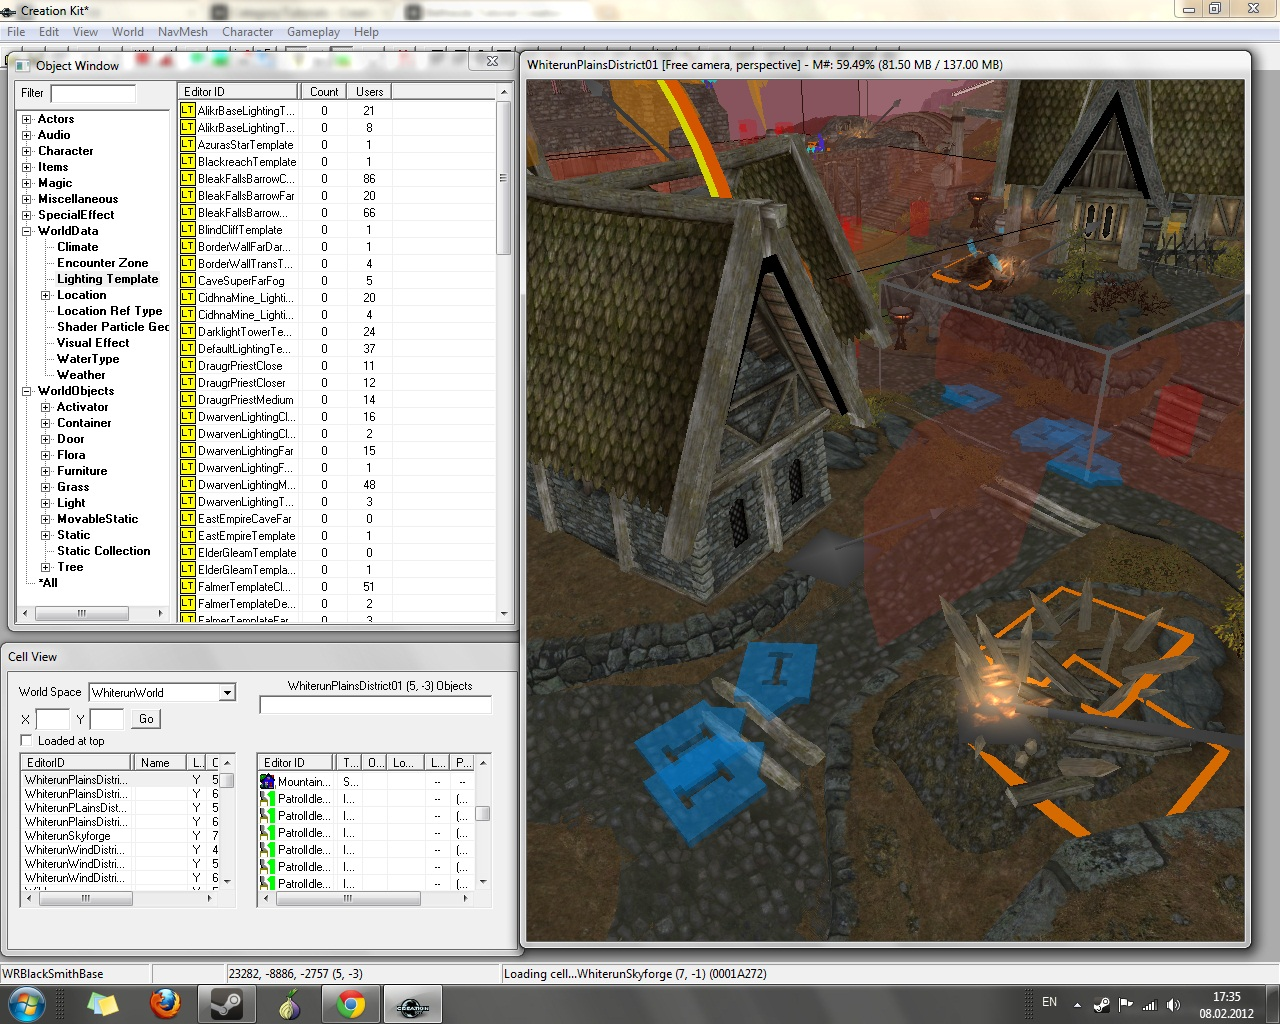 creation kit как загрузить несколько мастер файлов